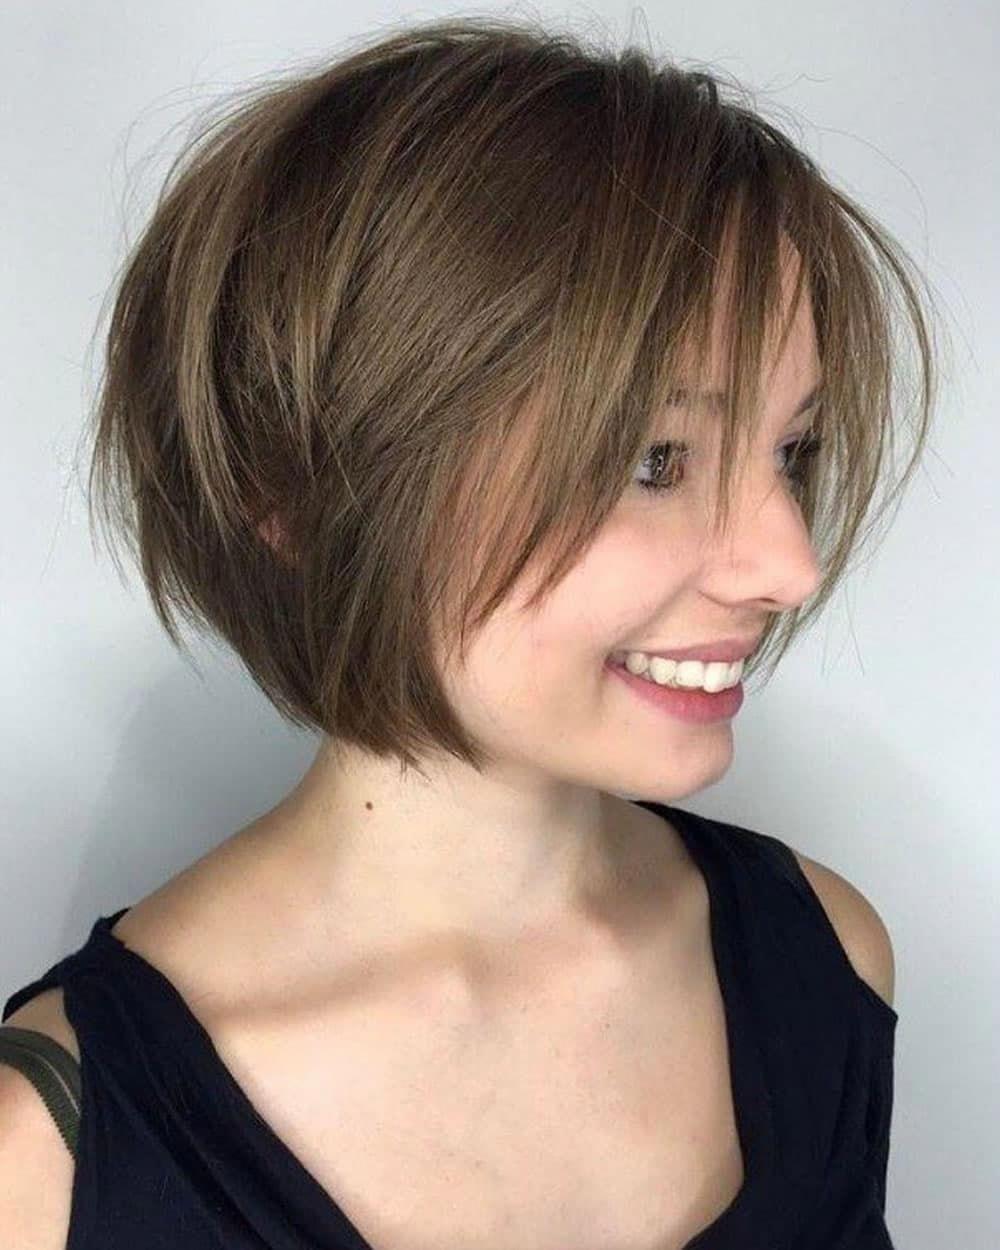 Cute Short Bob Haircuts For Round Faces Womens Hairstyles Bobs Hairstyle For R Senti Bob Hairstyles For Round Face Short Bob Haircuts Bobs For Thin Hair